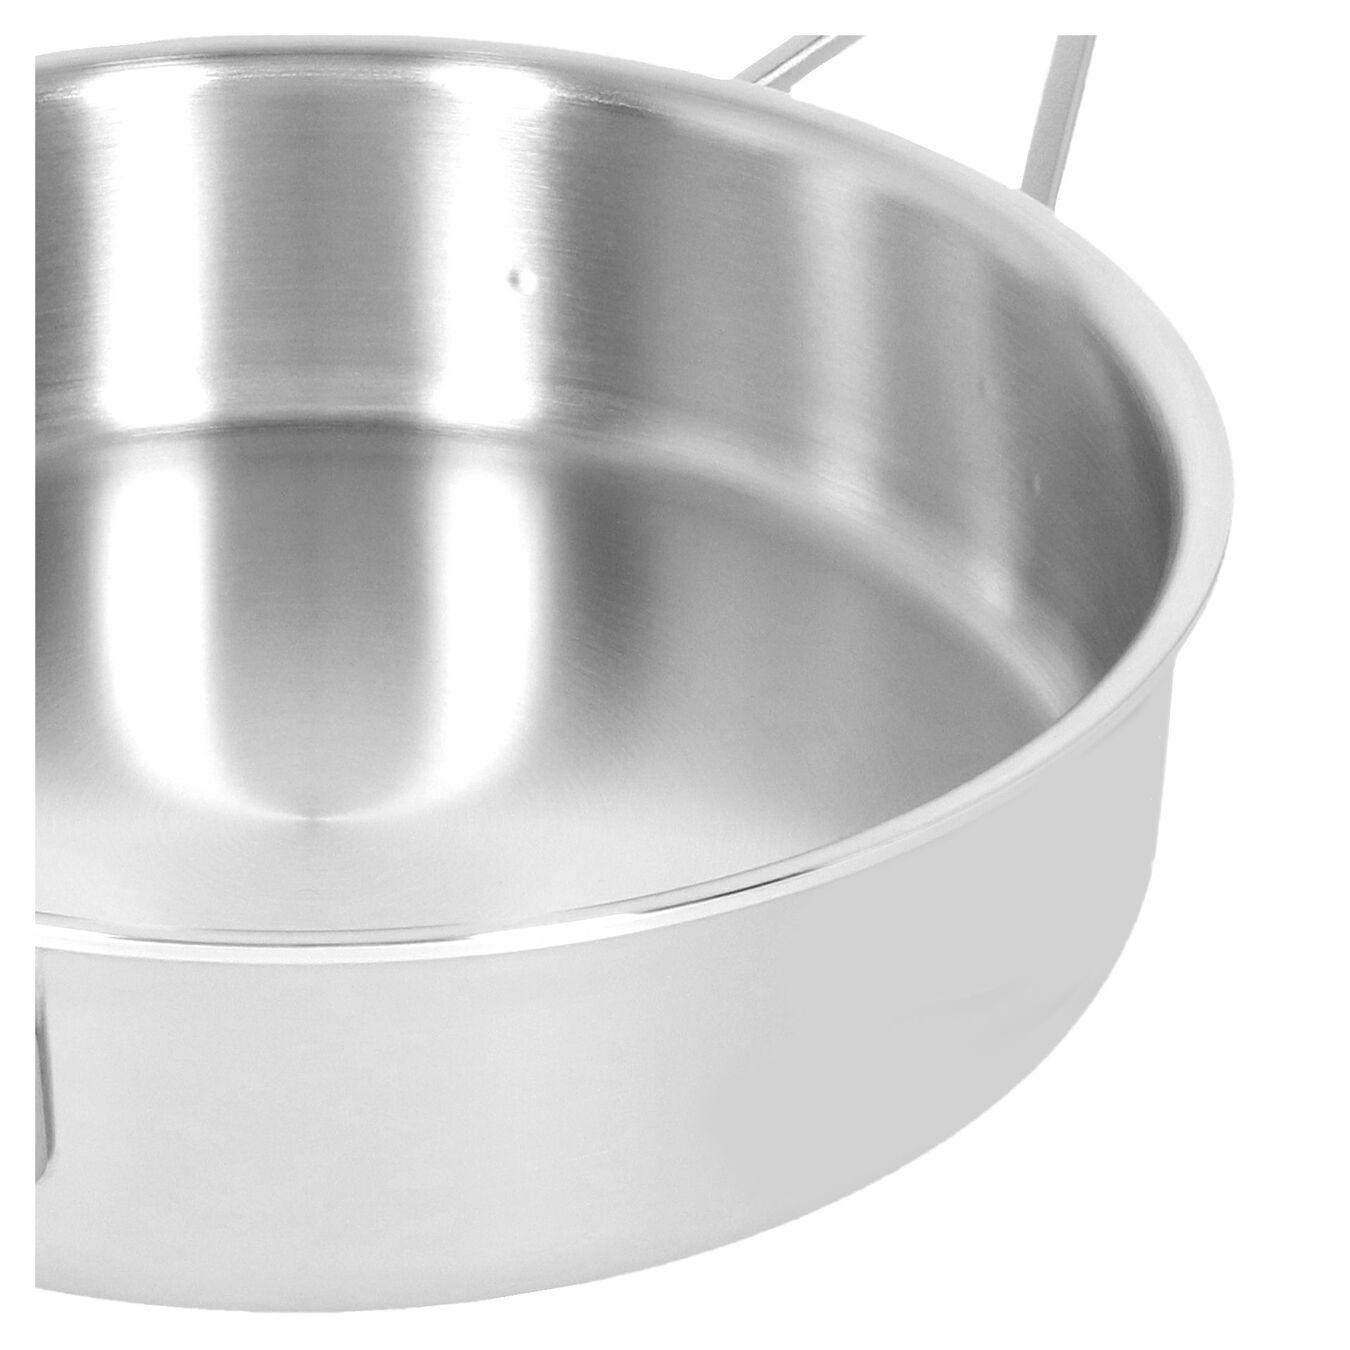 Tegame con coperchio - 28 cm, 18/10 acciaio inossidabile,,large 5